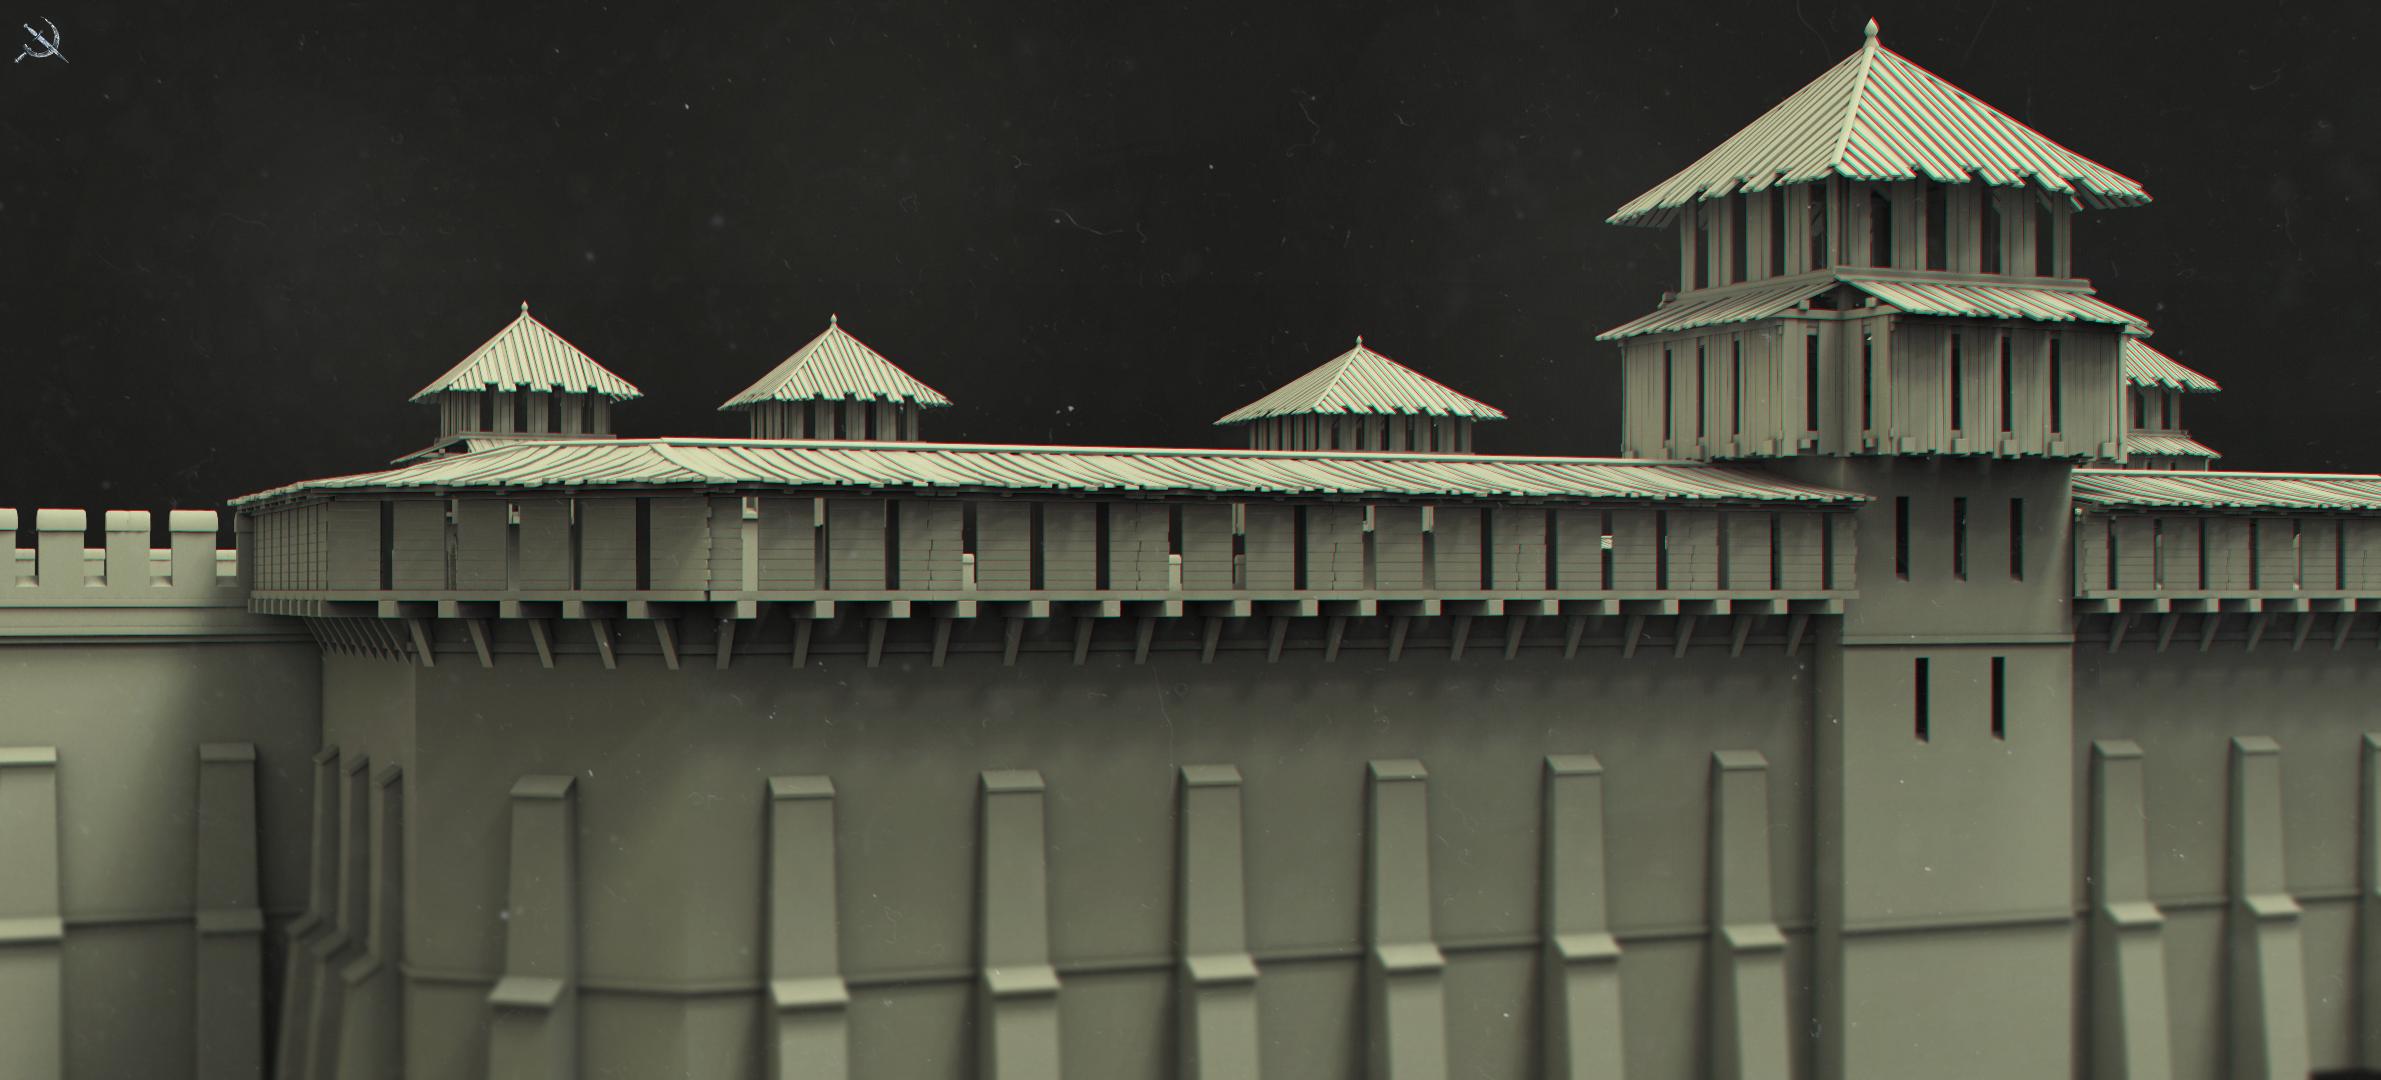 LIF murs chateaux 5